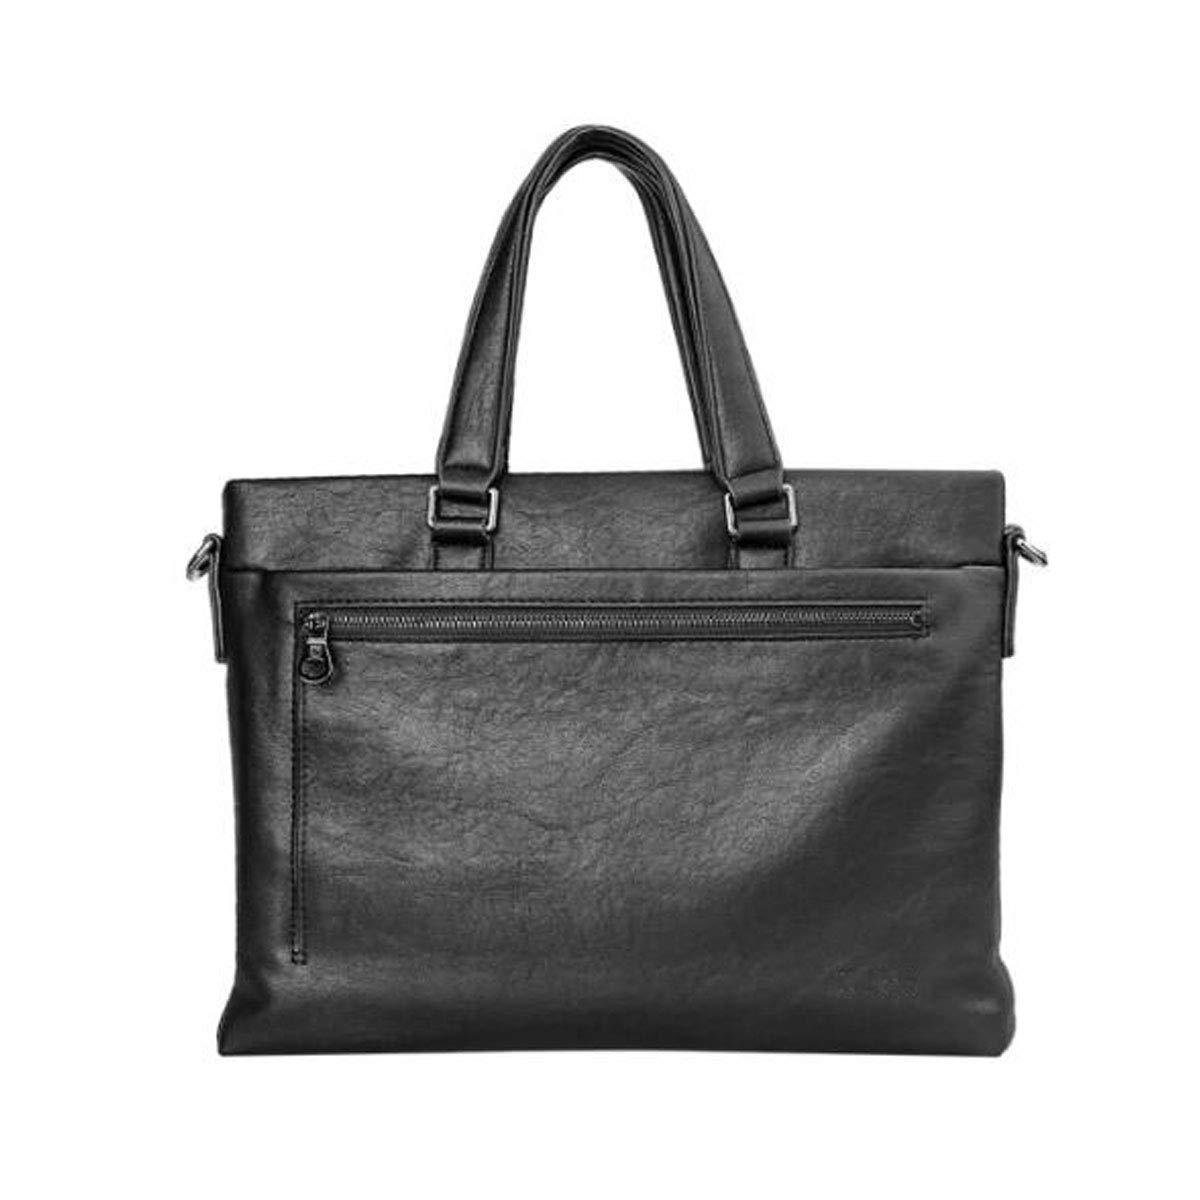 ブリーフケース、メンズビジネスカジュアルハンドバッグ、ブラックサイズ:36.5 * 4.5 * 27.3cm B07R461NKR ブラック